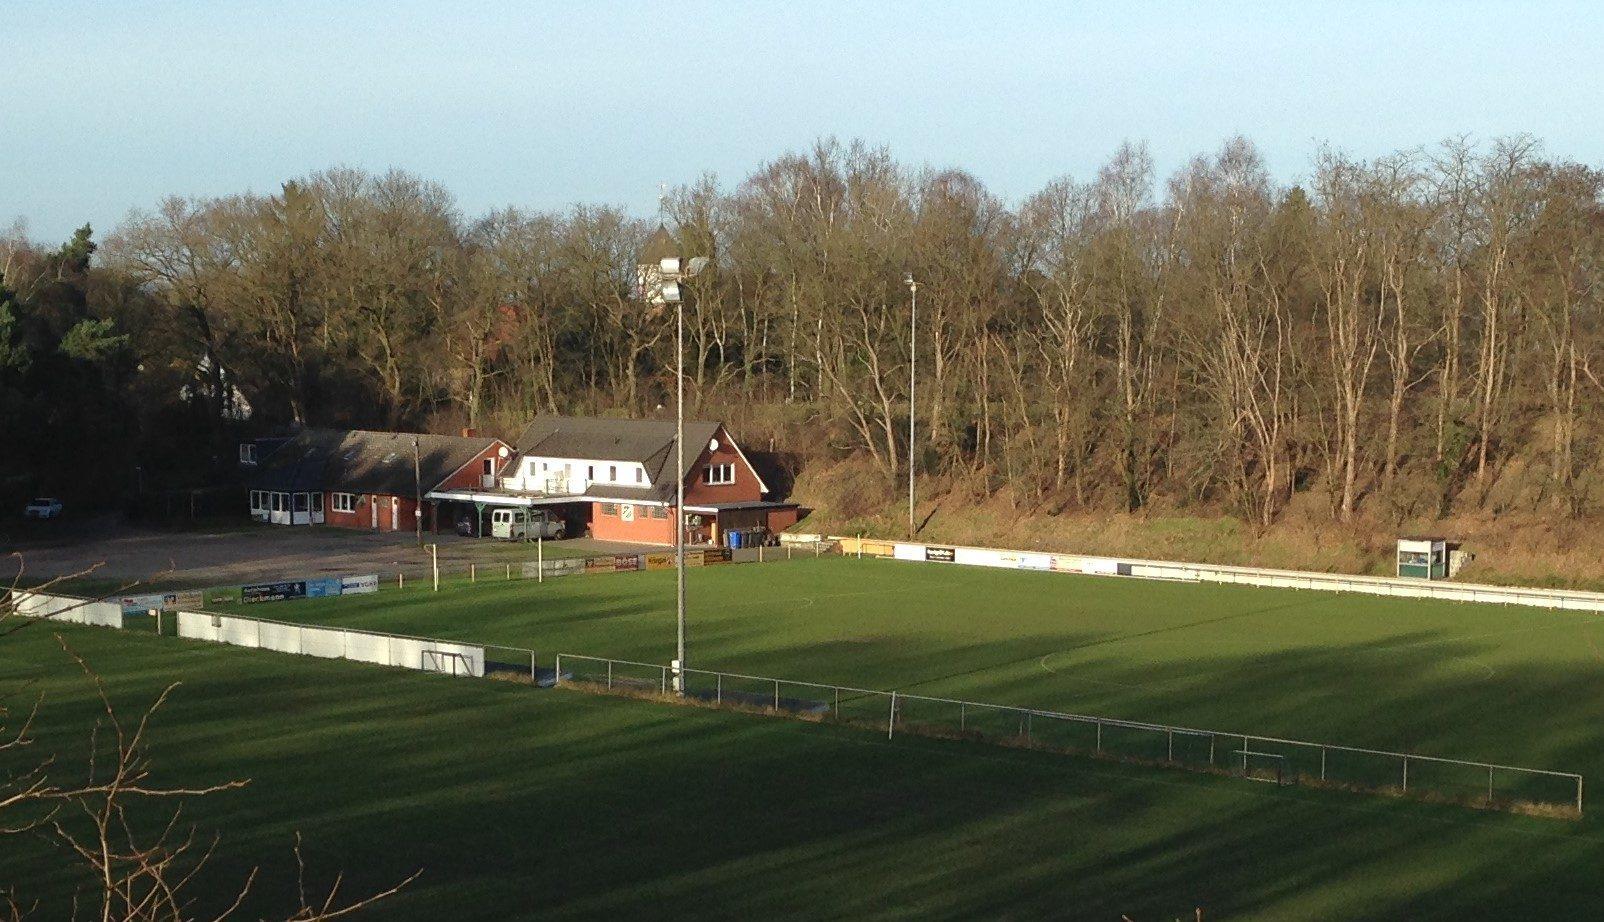 Stadion am Weyerberg